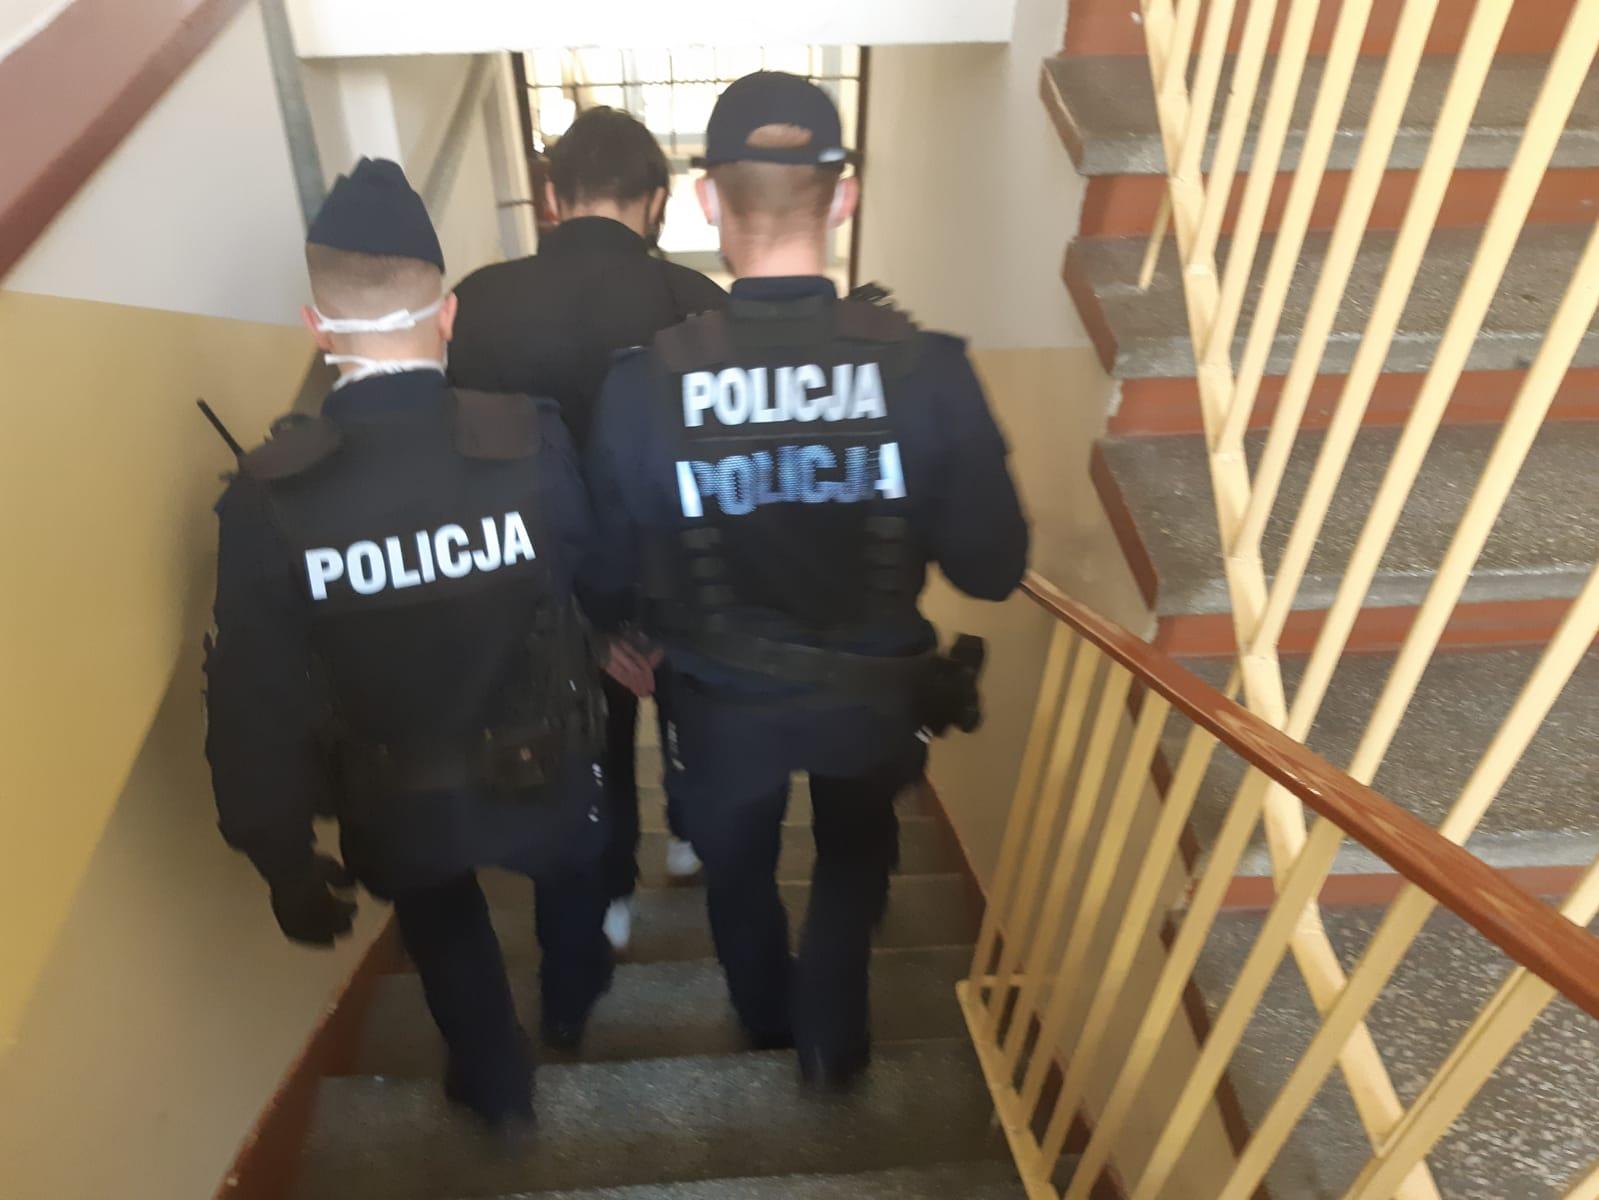 http://www.torun.kujawsko-pomorska.policja.gov.pl/dokumenty/zalaczniki/139/139-275474.jpg